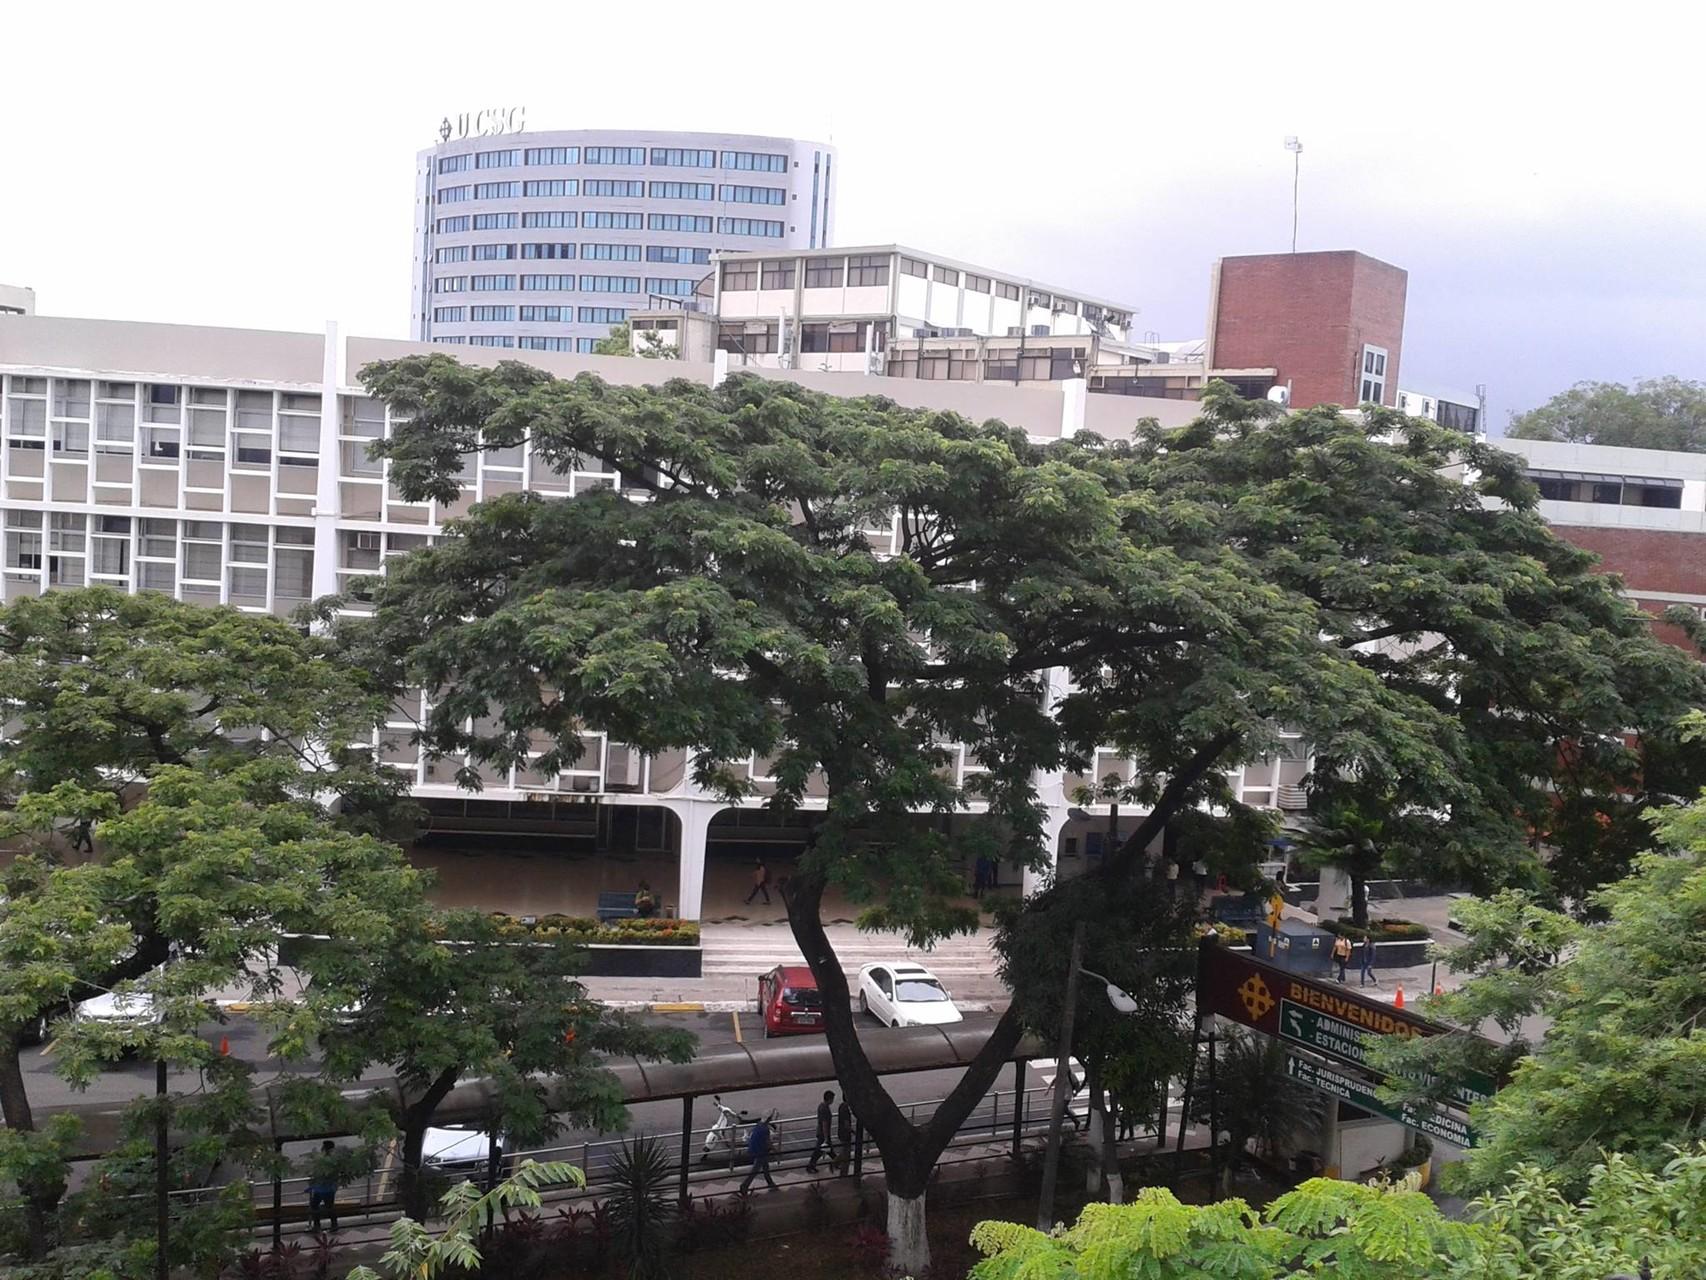 La Universidad Catolica de Santiago de Guayaquil (UCSG)